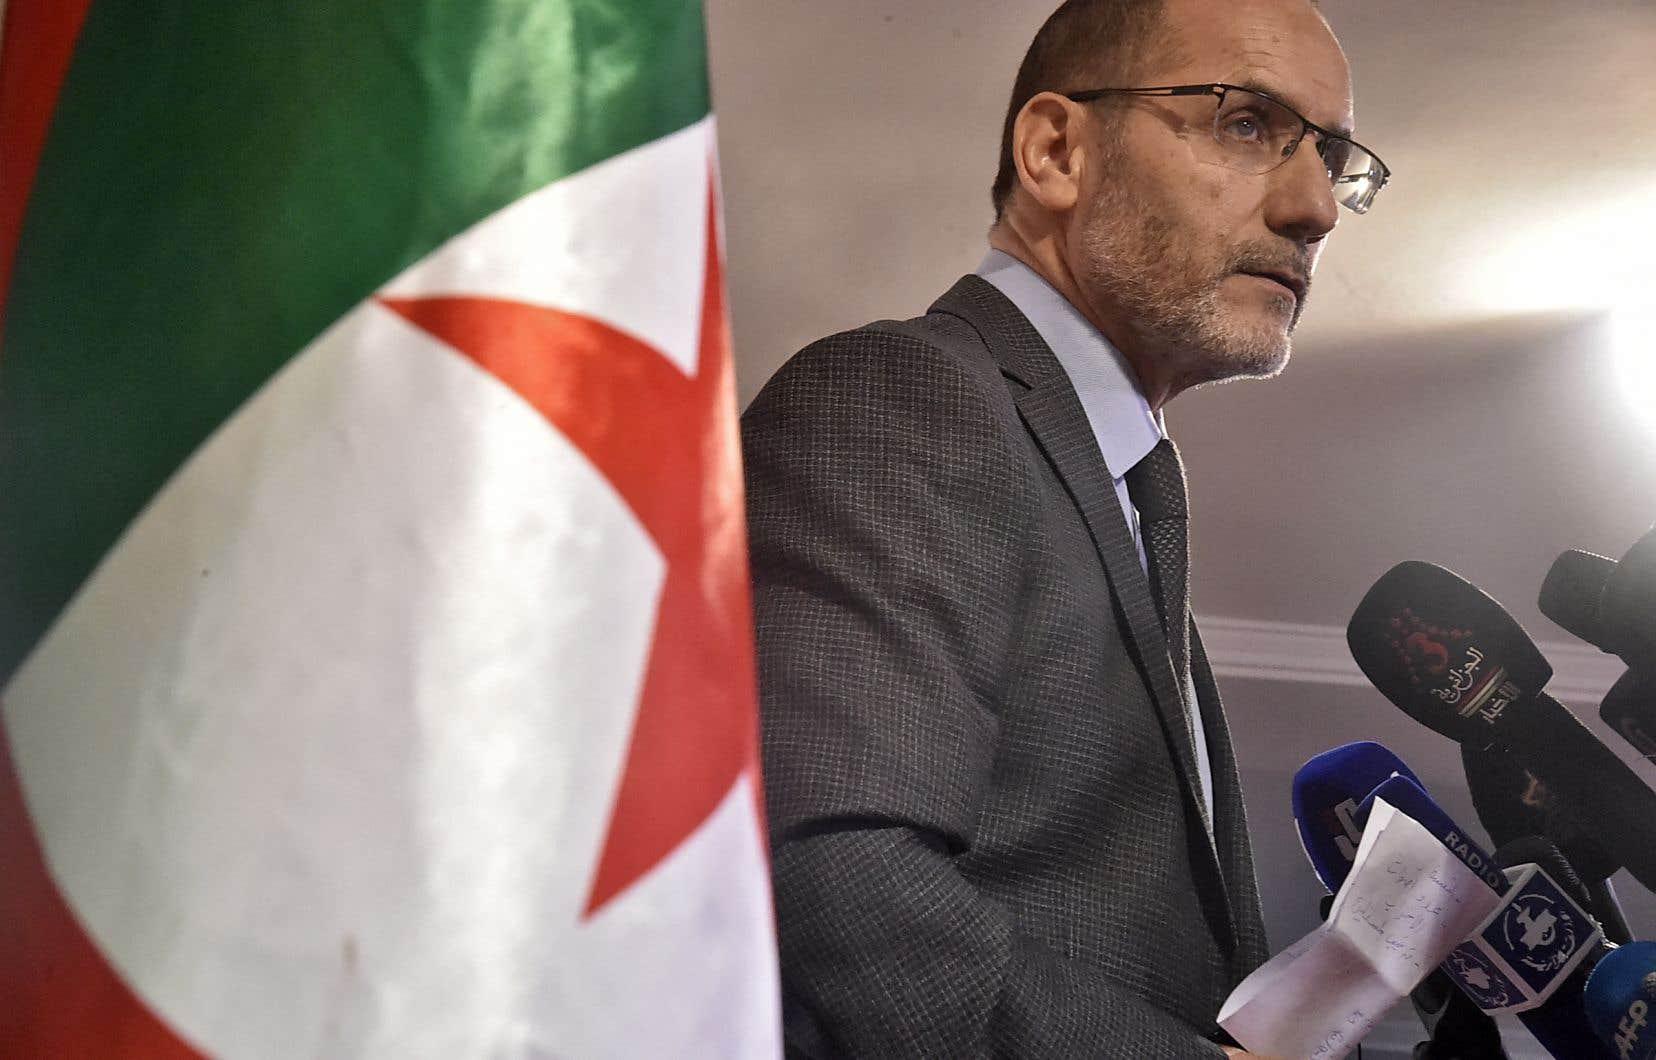 Le président du MSP, Abderrazak Makri, s'est dit, mercredi, «très heureux» des «résultats historiques» des législatives algériennes. Son parti (conservateur modéré) enregistre une avancée en gagnant une trentaine de sièges.